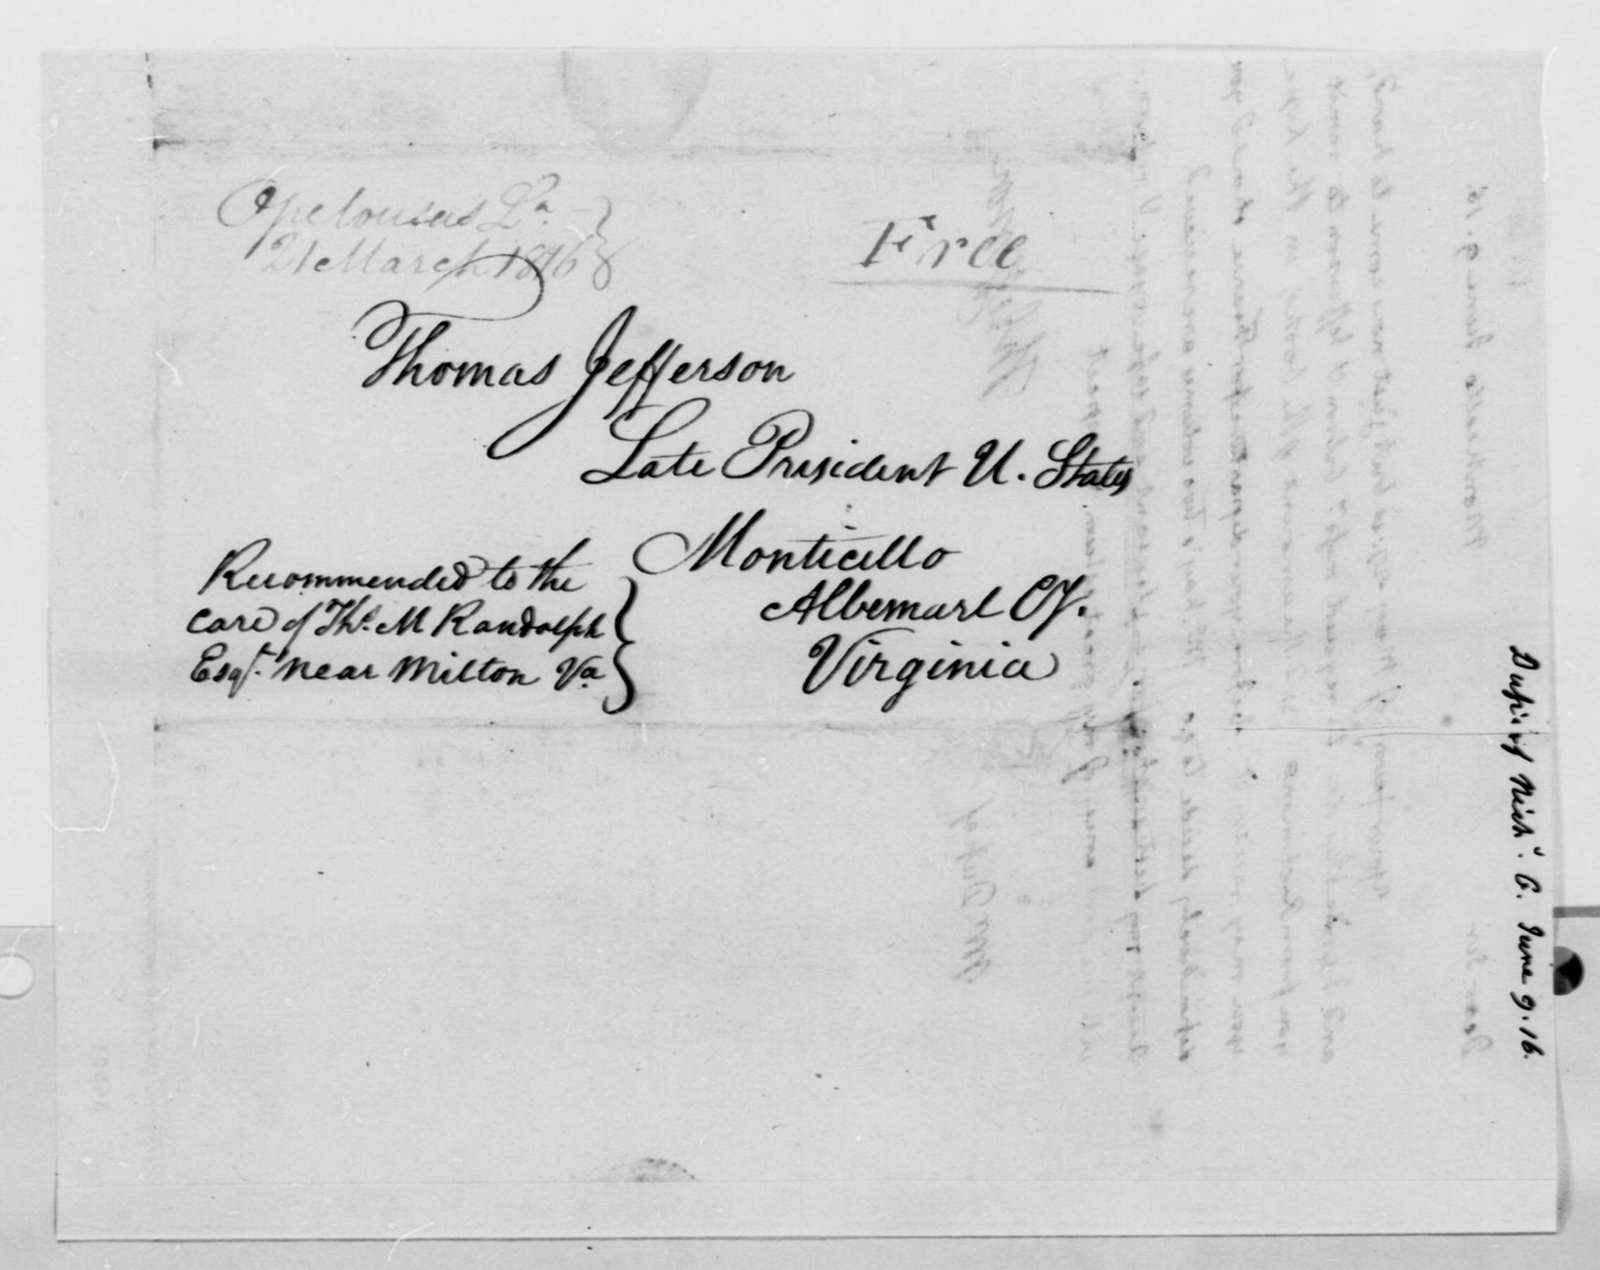 Thomas Jefferson to Nicholas Gouin Dufief, June 9, 1816